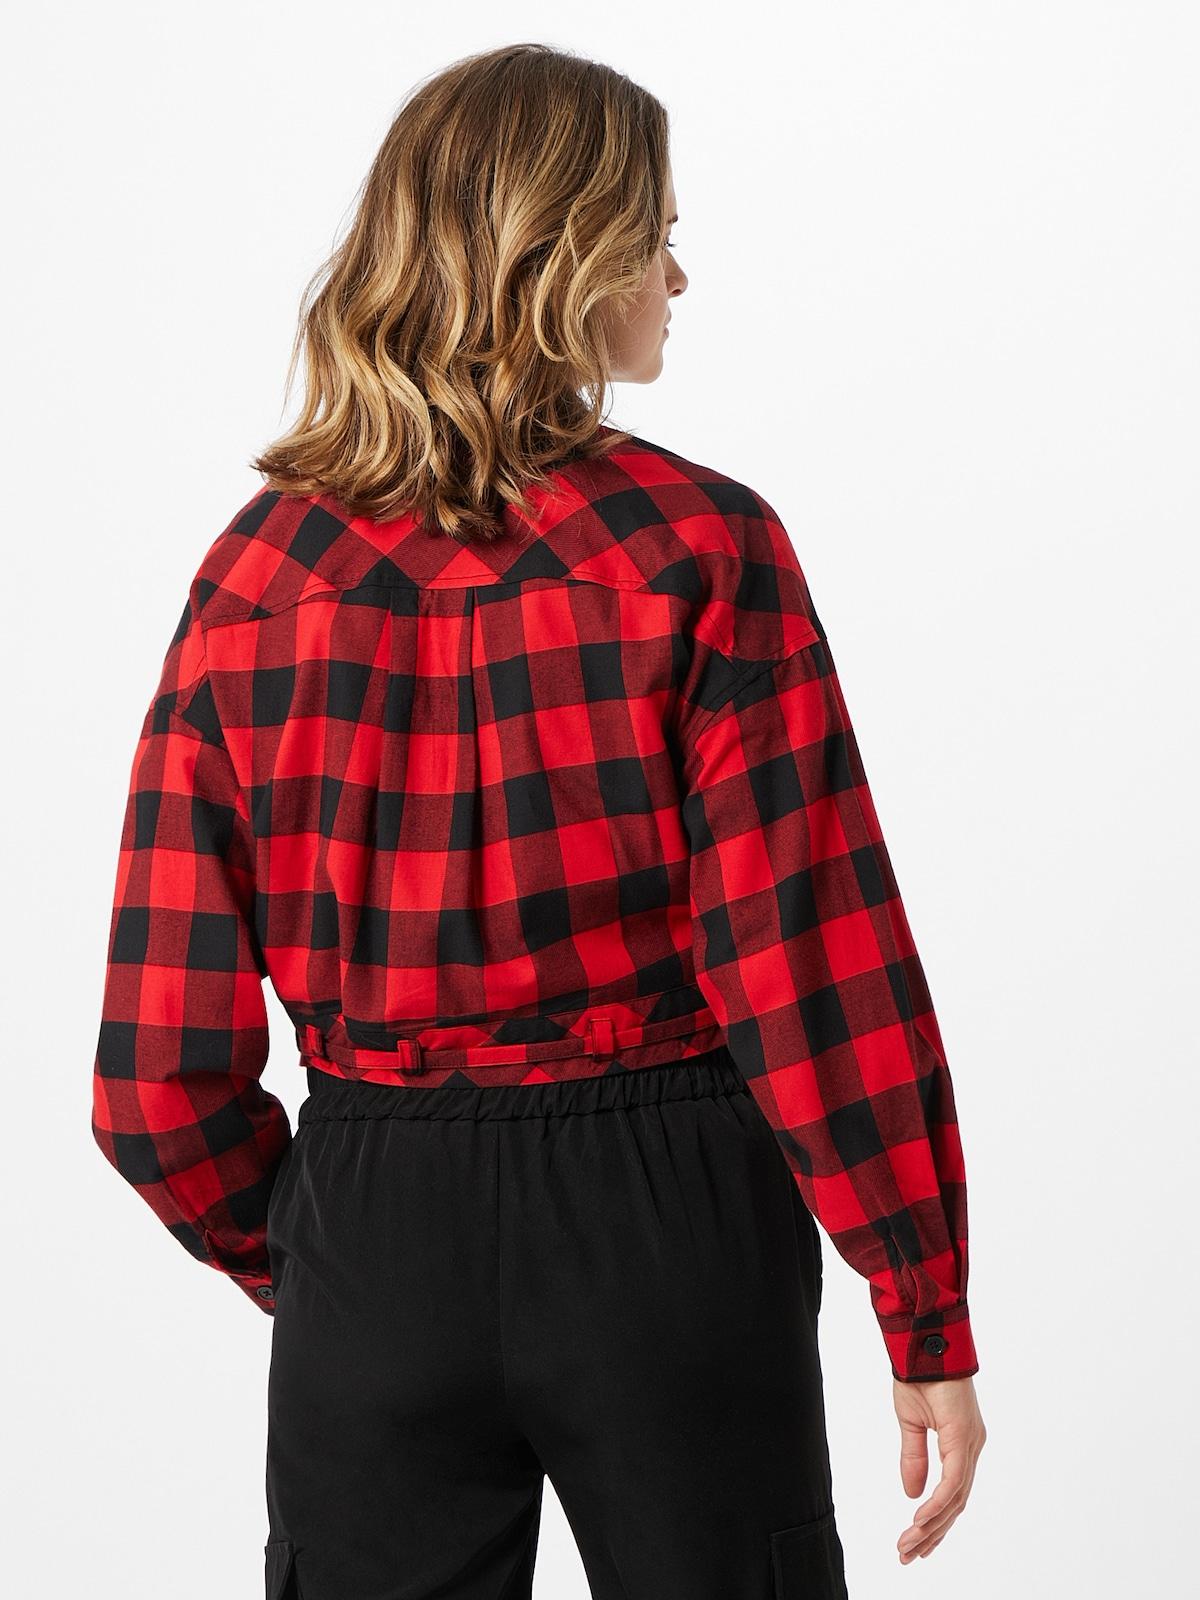 Kleding voor Dames Urban Classics Blouse in Rood / Zwart